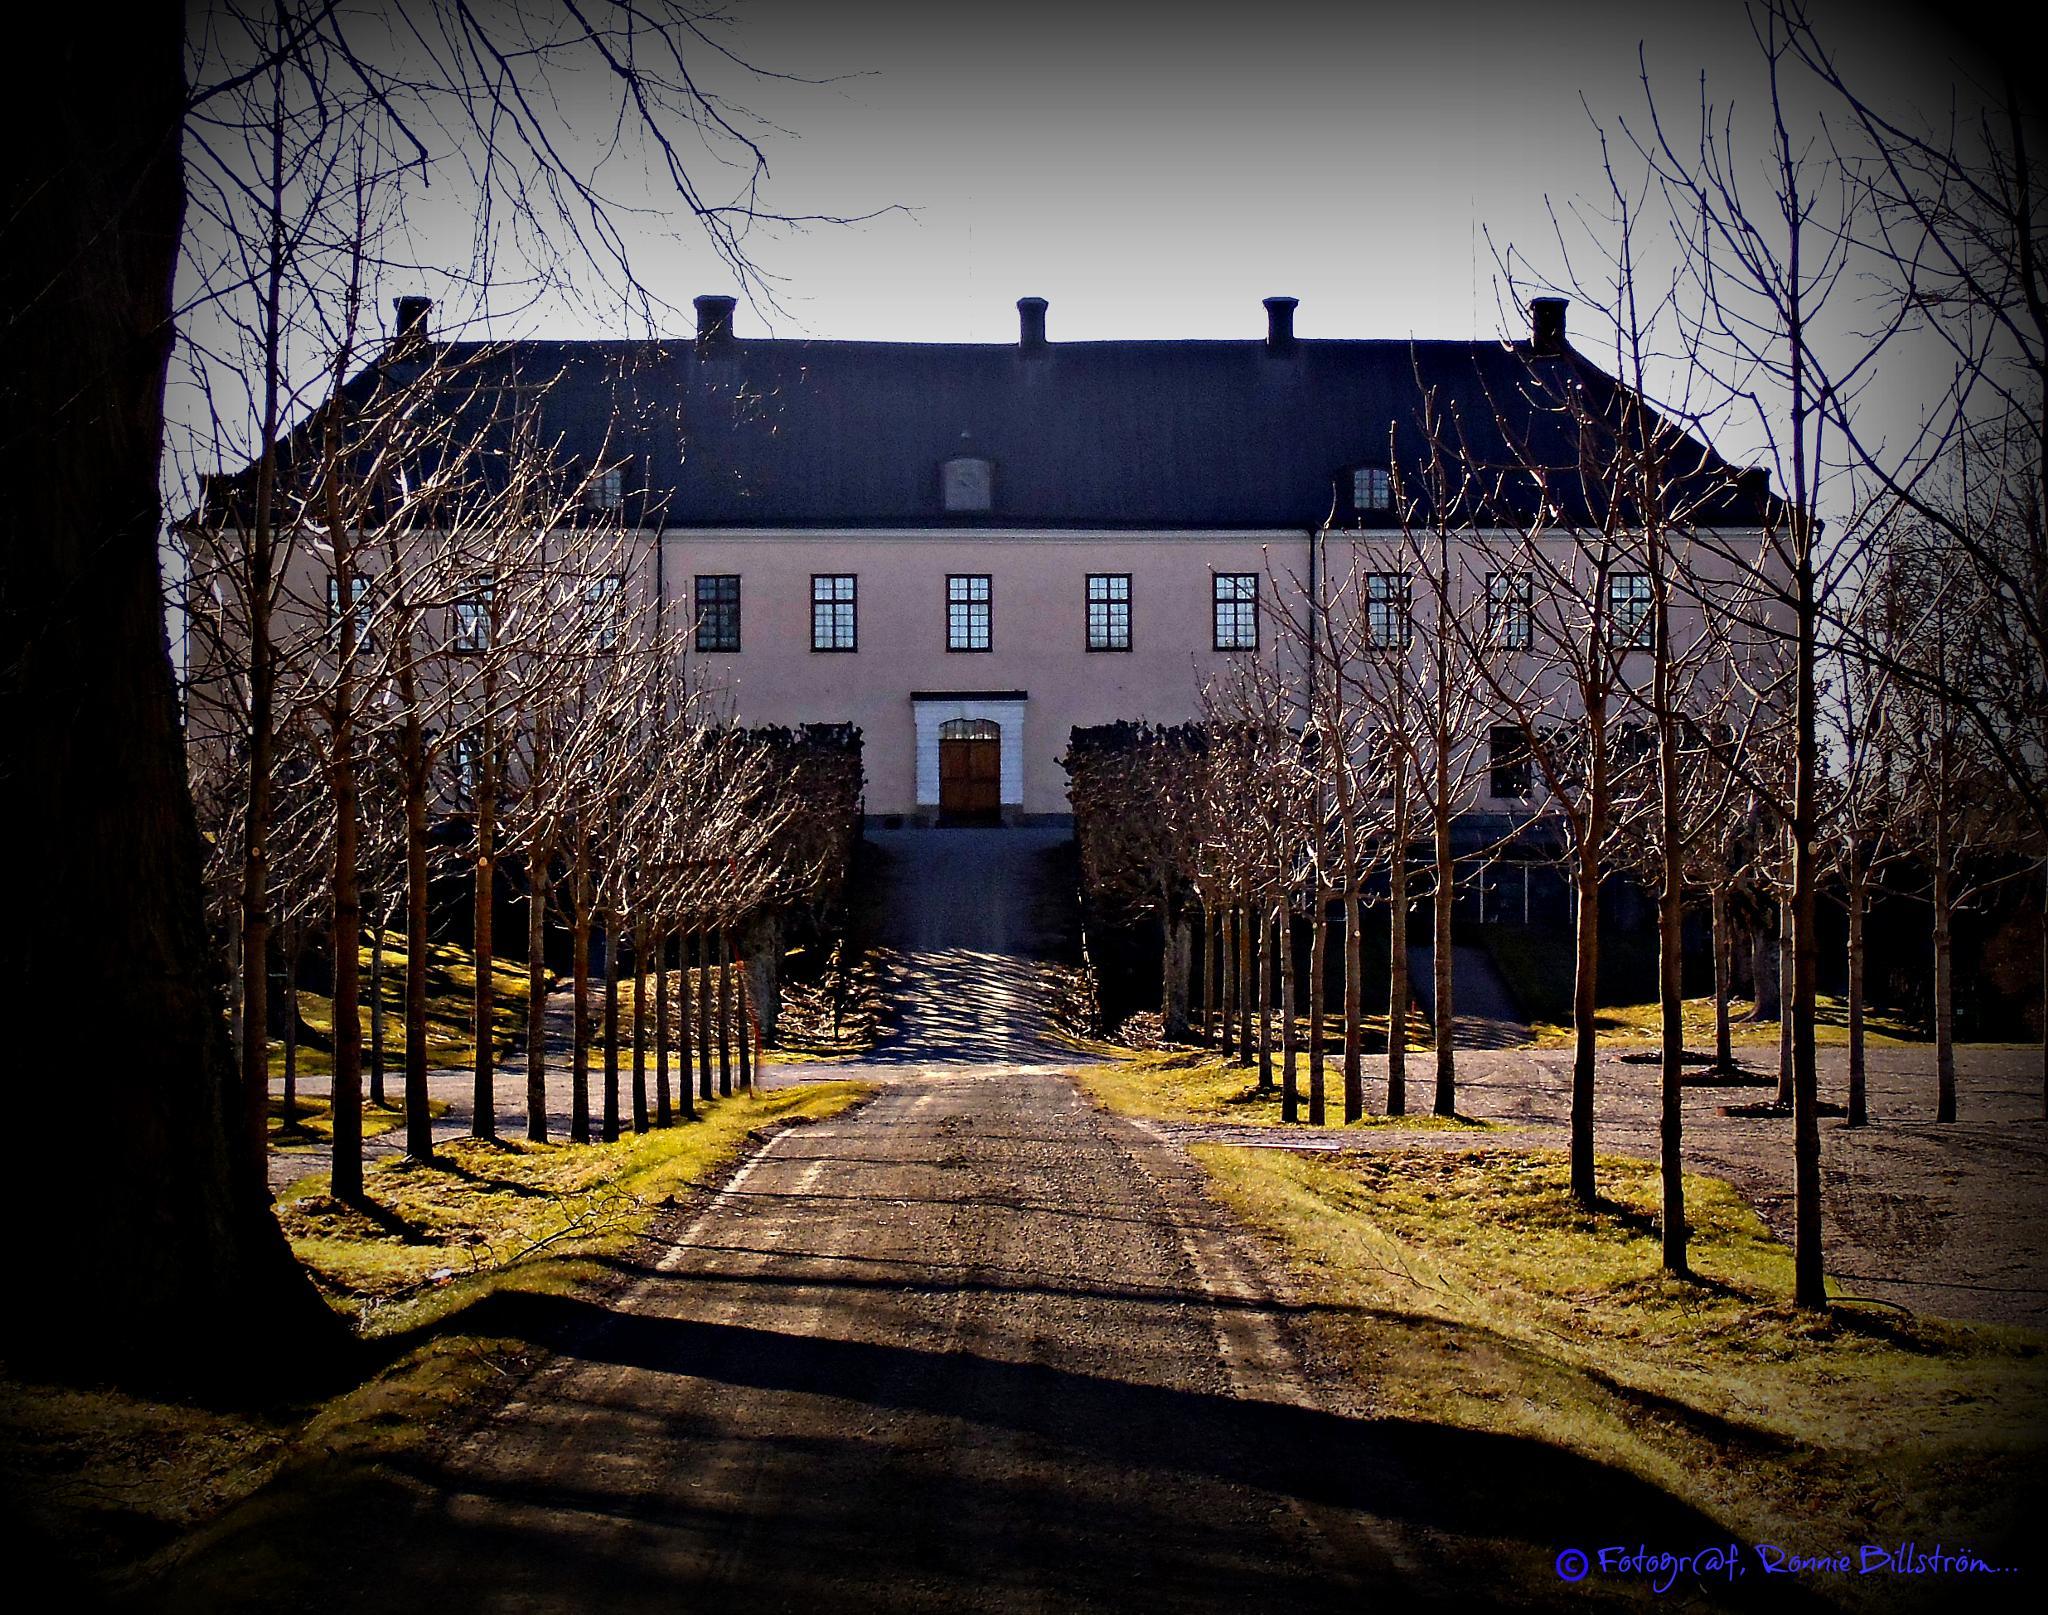 Grönsöö castle by ronnie.billstrom